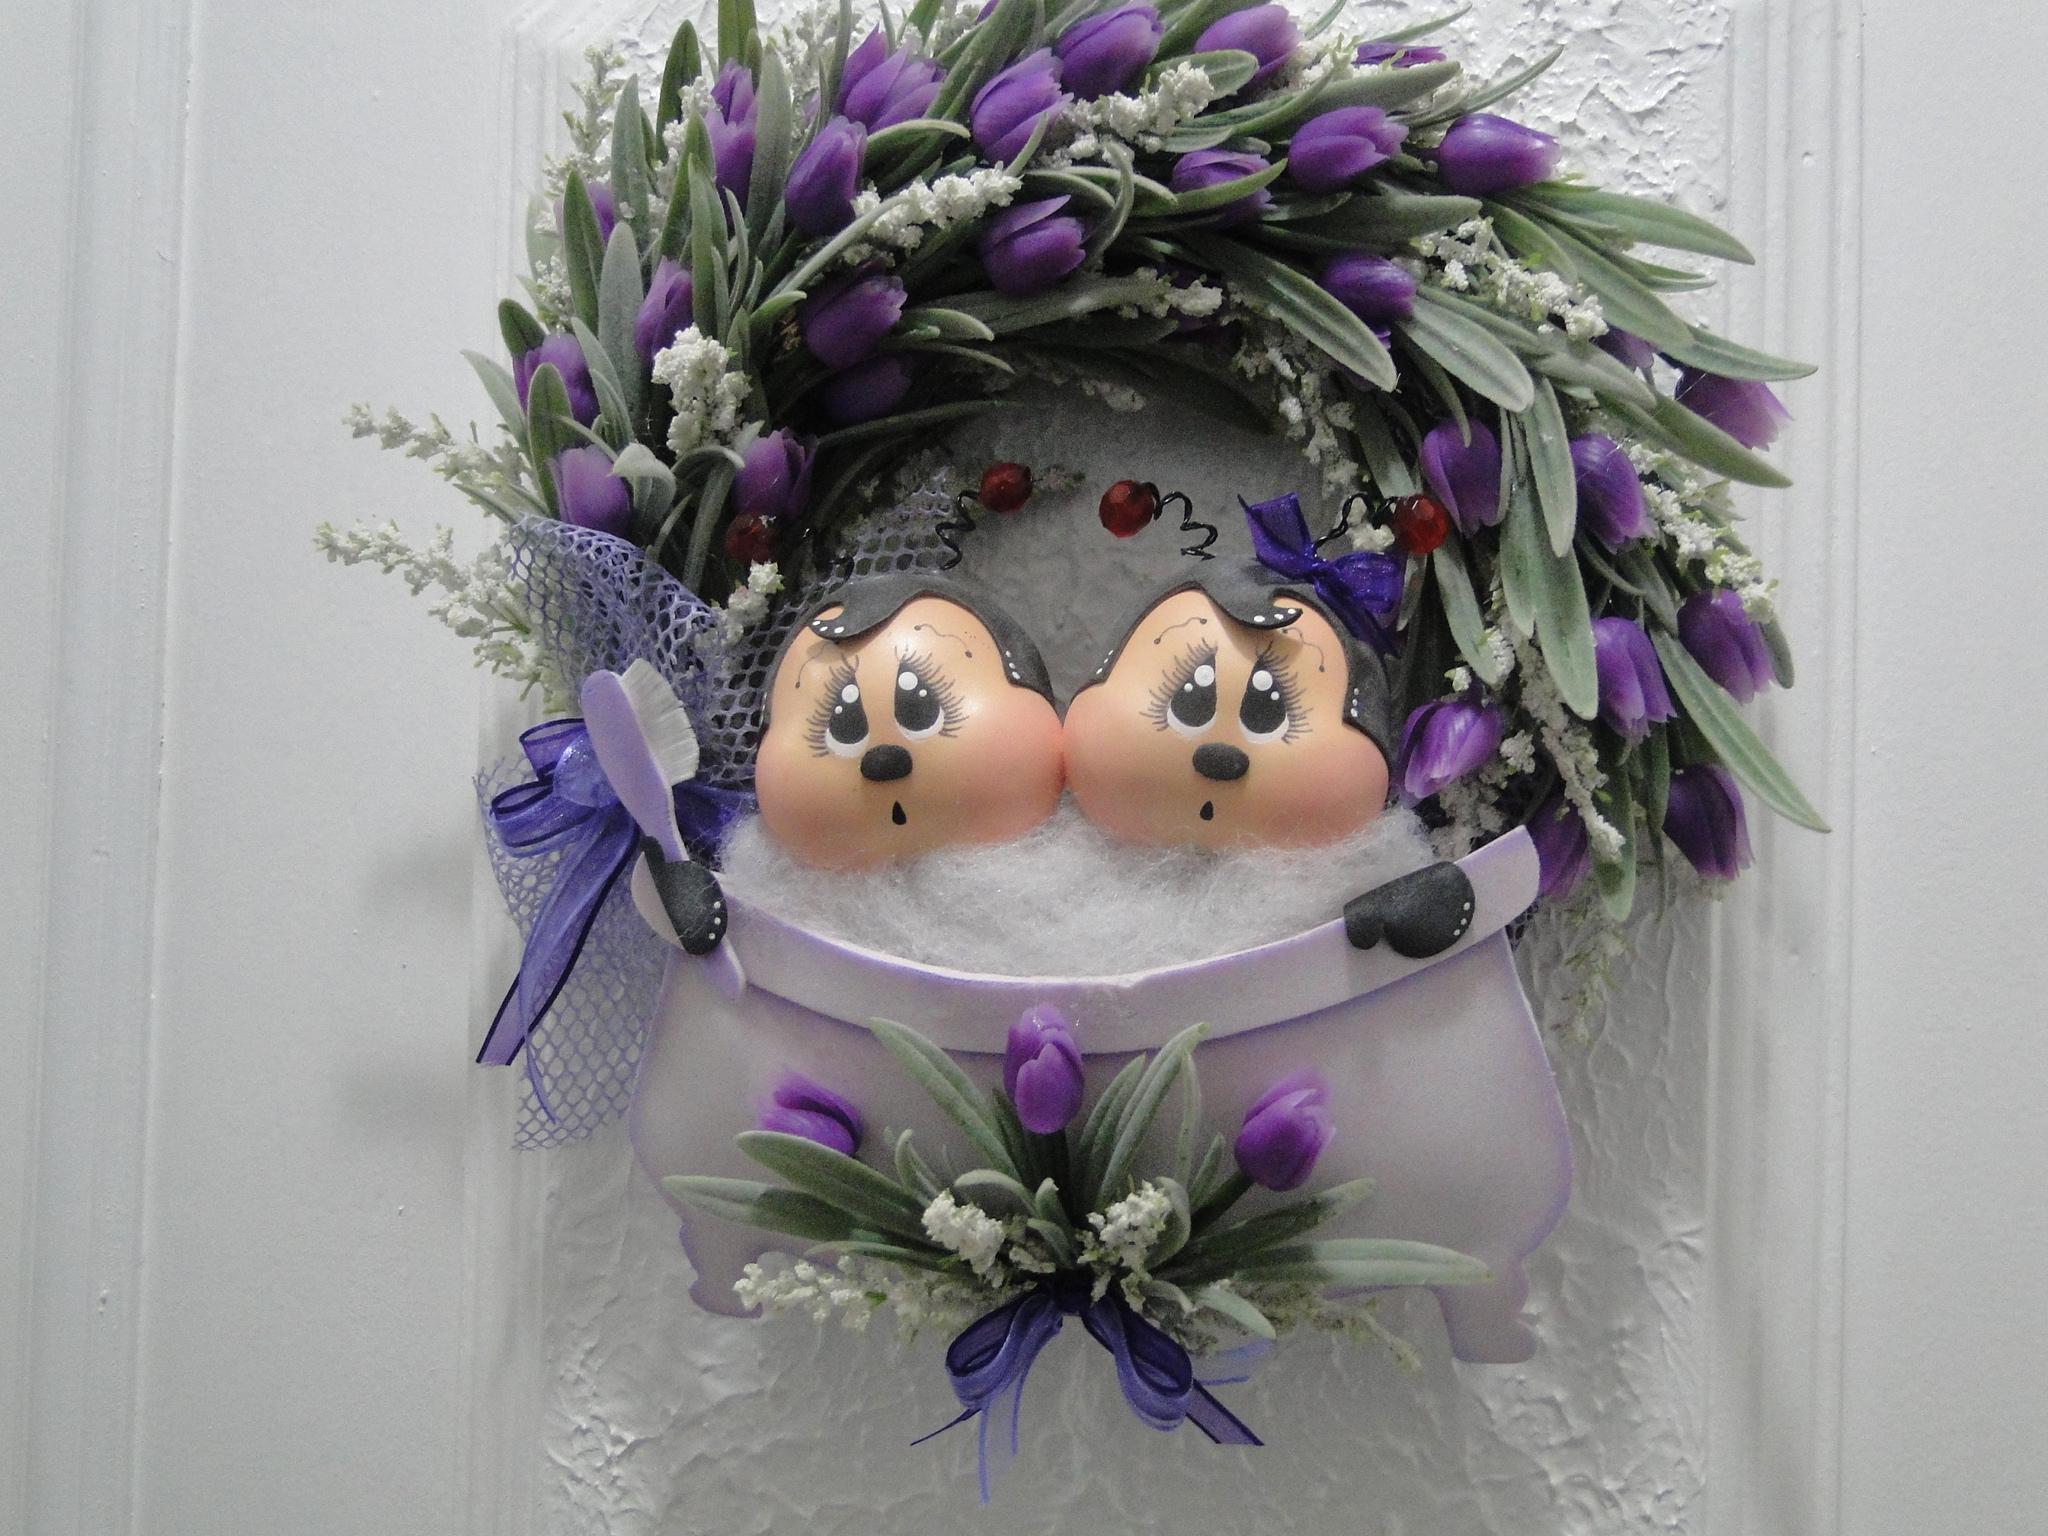 Enfeite de Porta  Banheiro  Moniks Arte em eva  Elo7 -> Decoracao Para Porta De Banheiro Em Eva